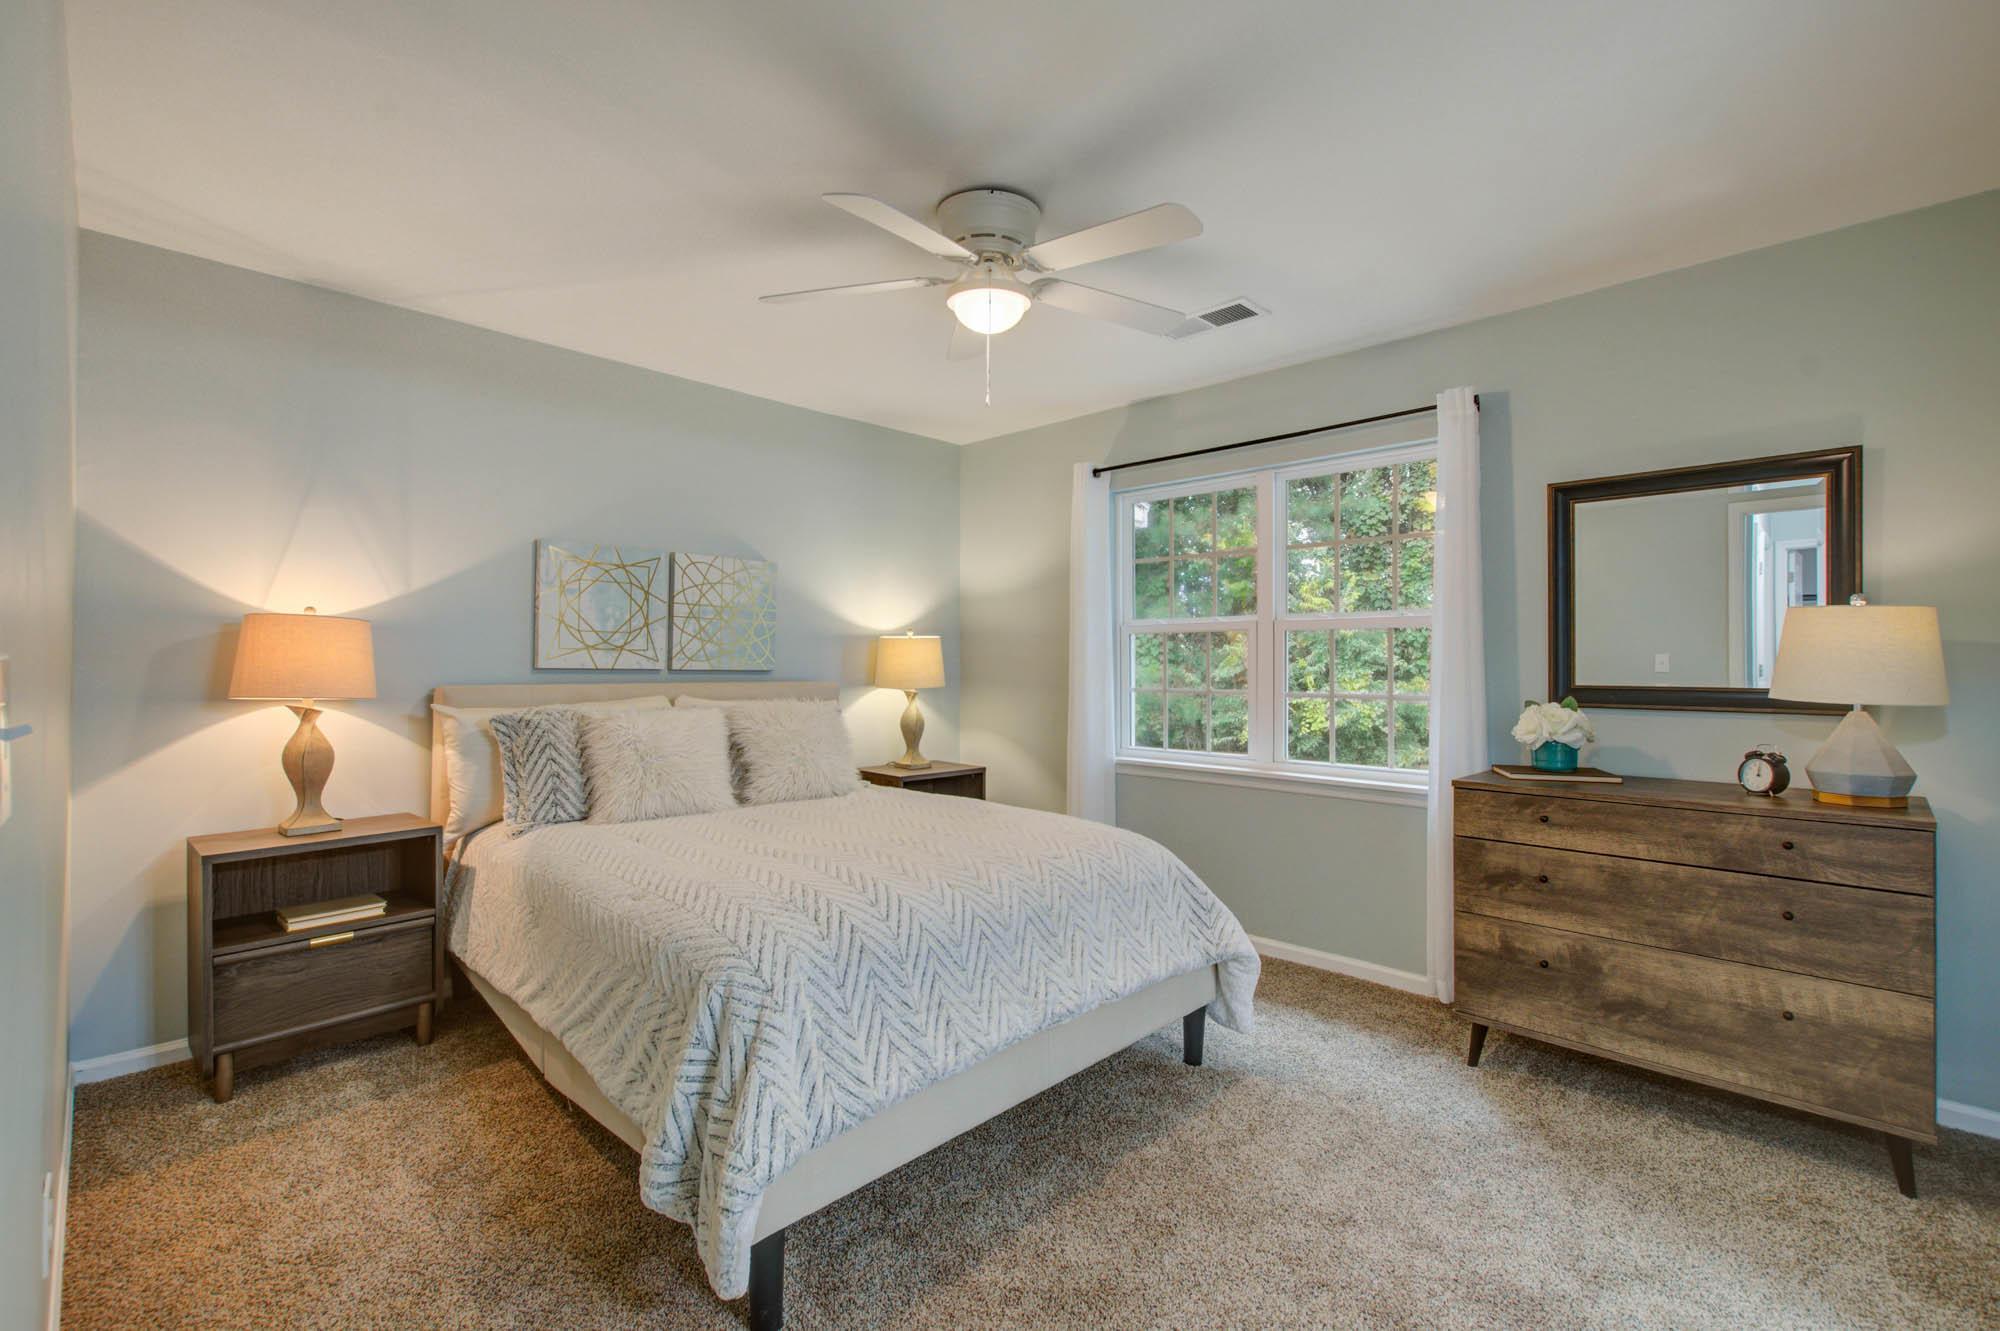 Wando East Homes For Sale - 1526 Nantahala, Mount Pleasant, SC - 12